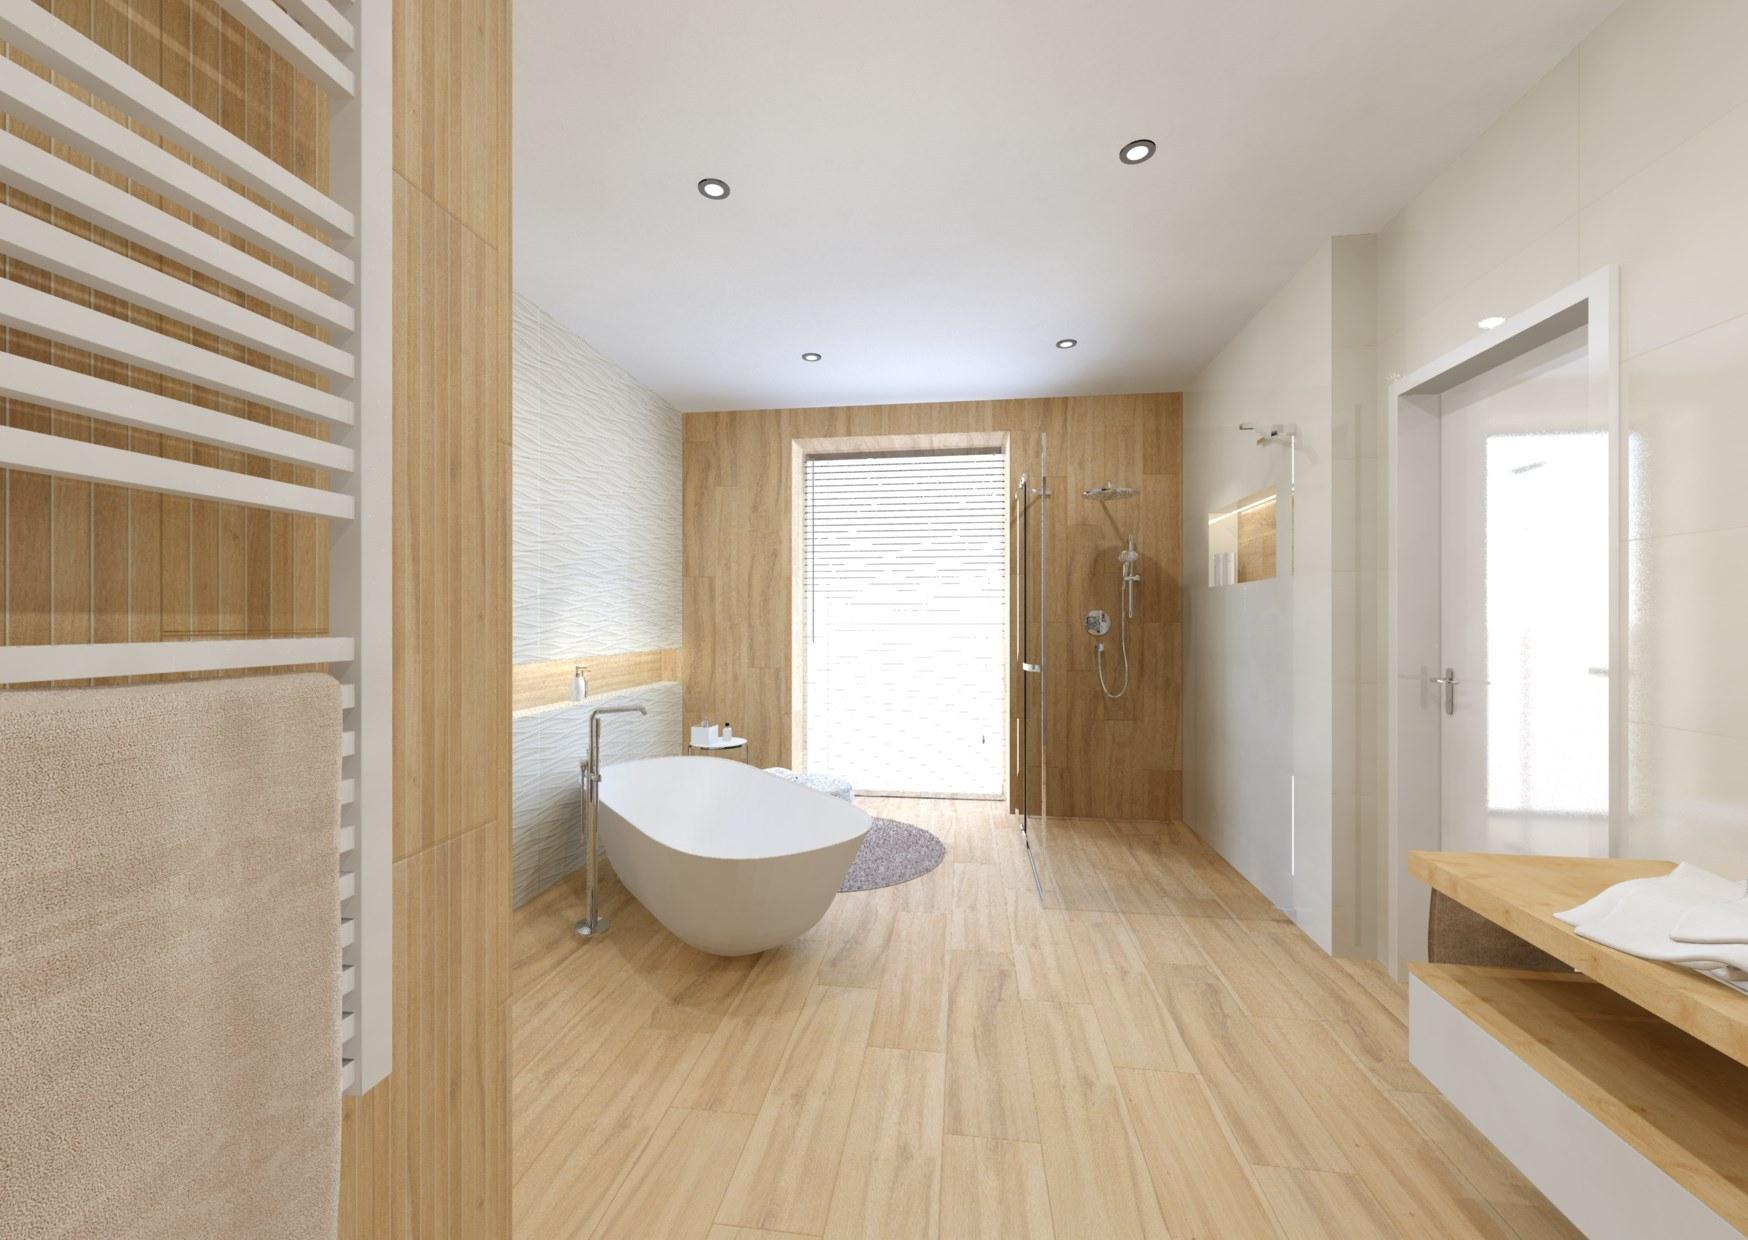 Návrh koupelny v teplých barvách dřeva 3